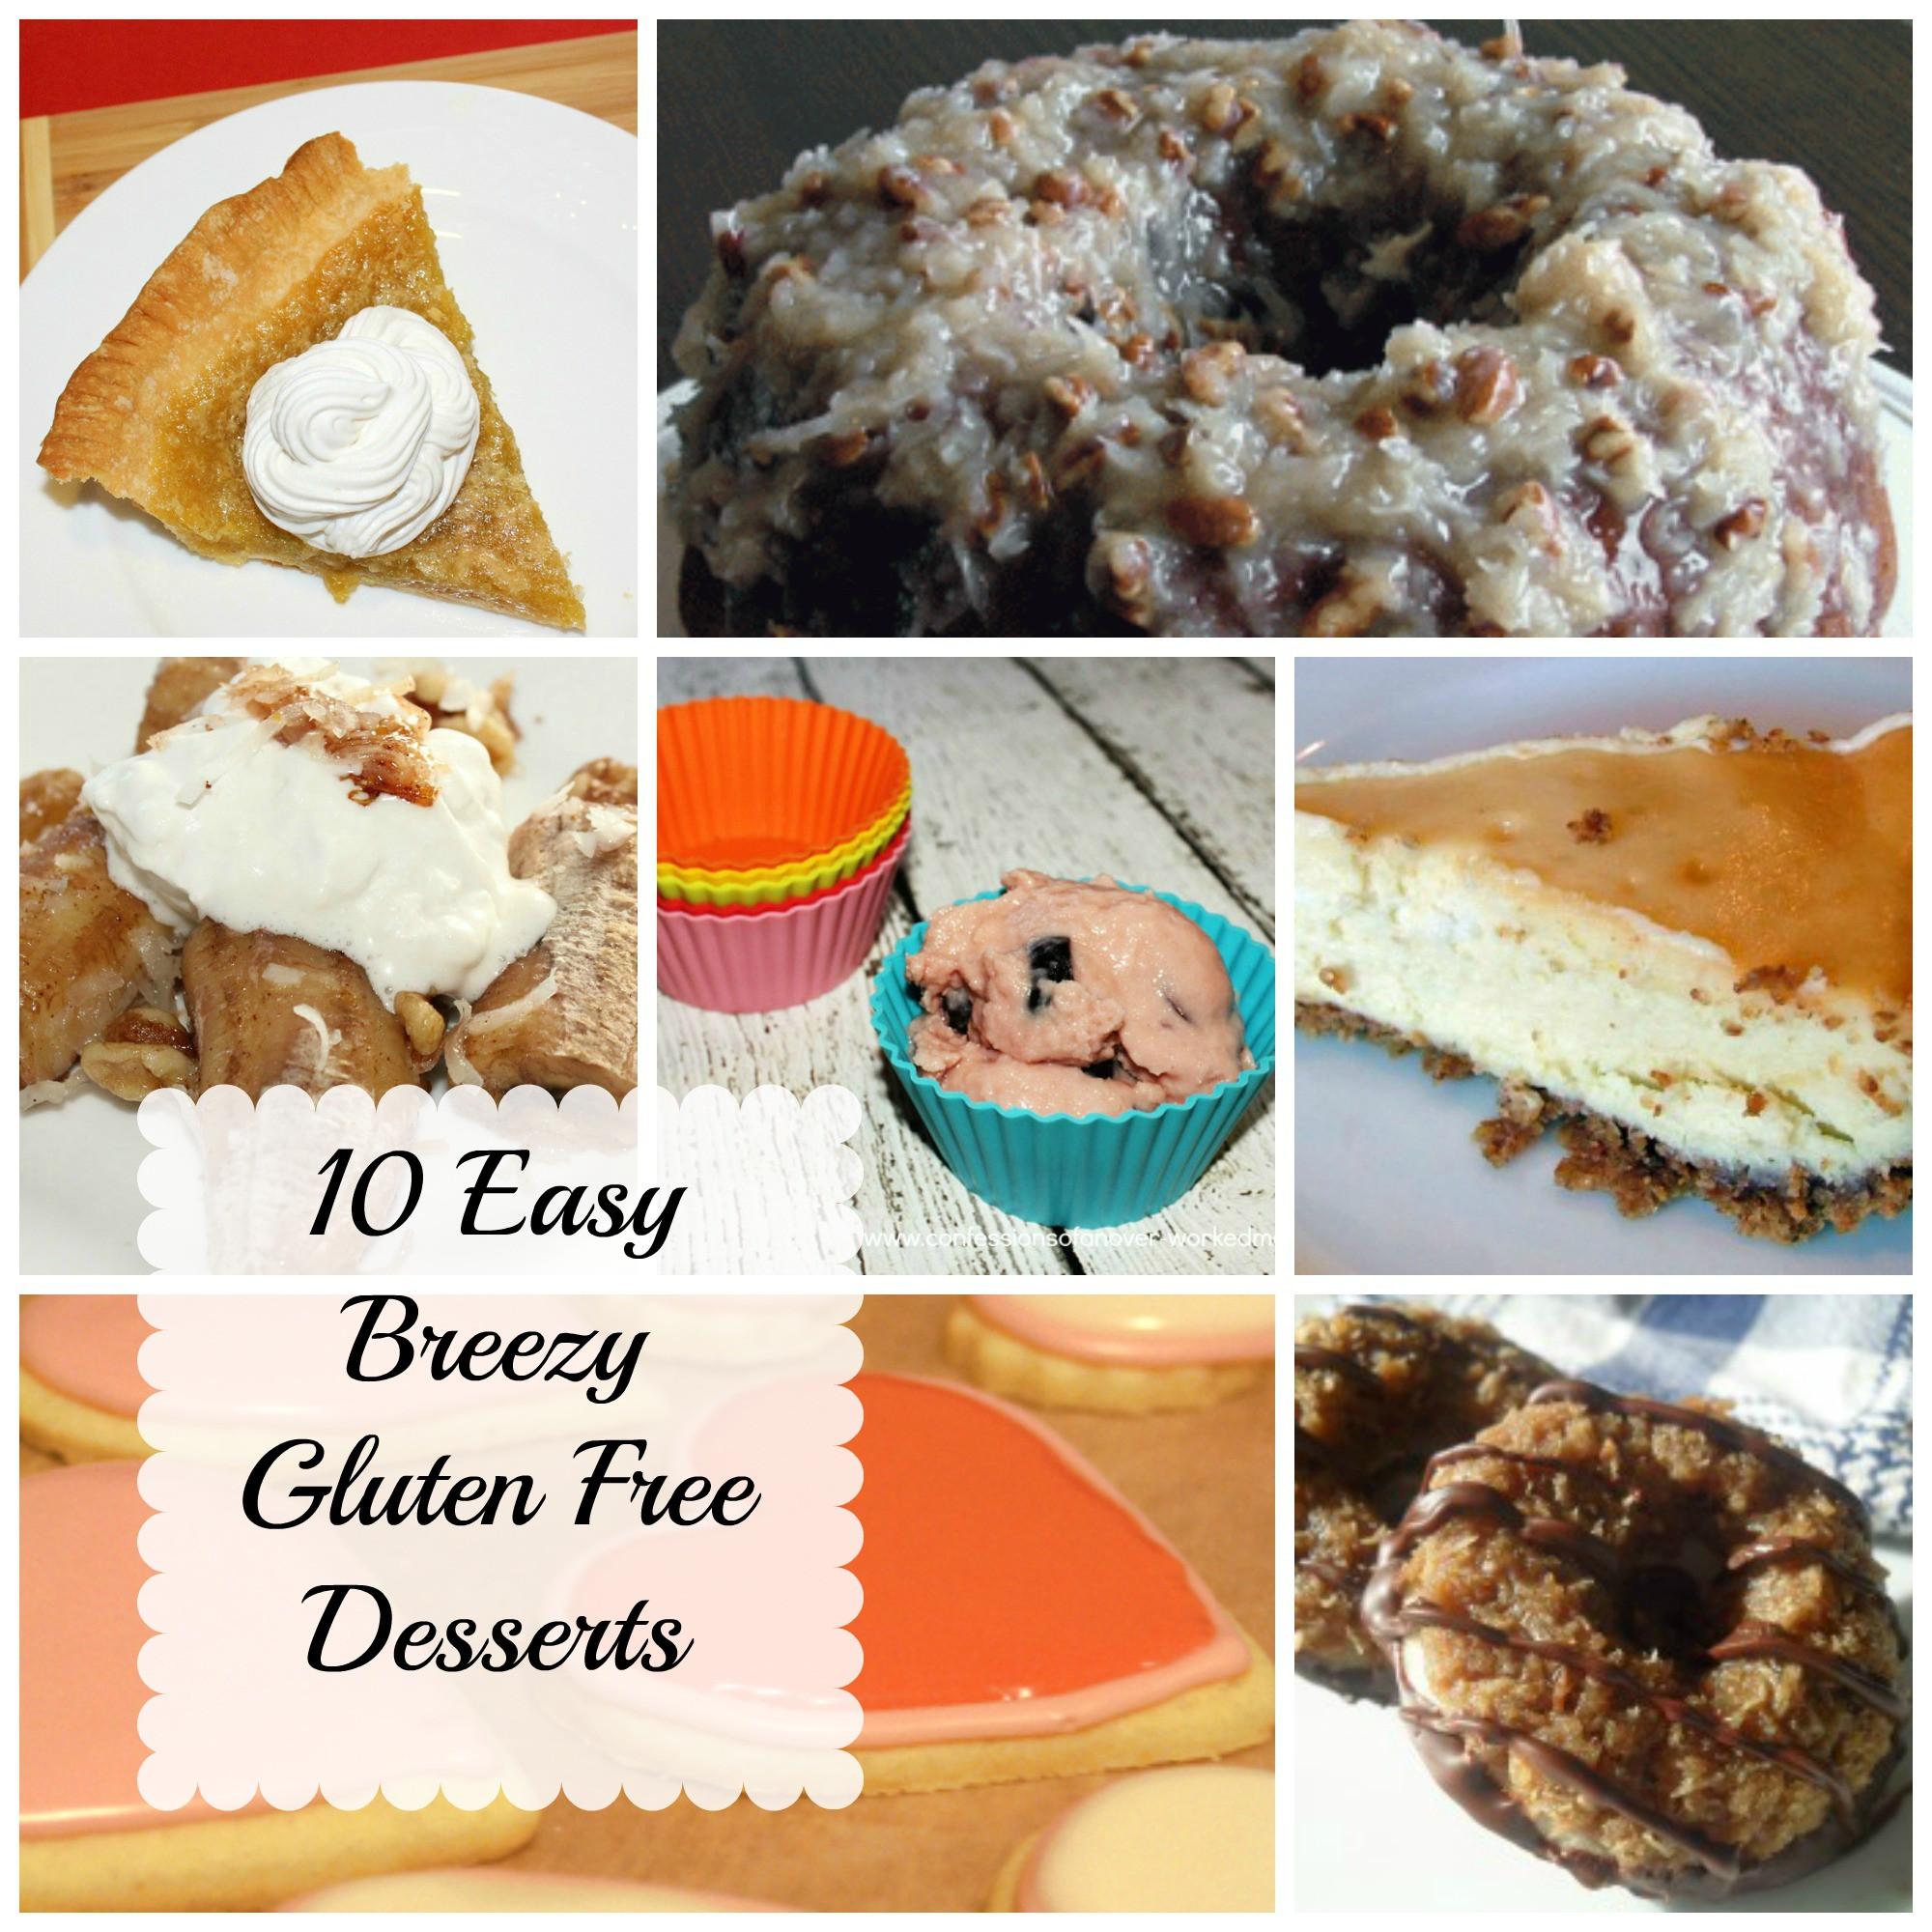 Gluten And Dairy Free Desserts  10 Gluten Free Desserts